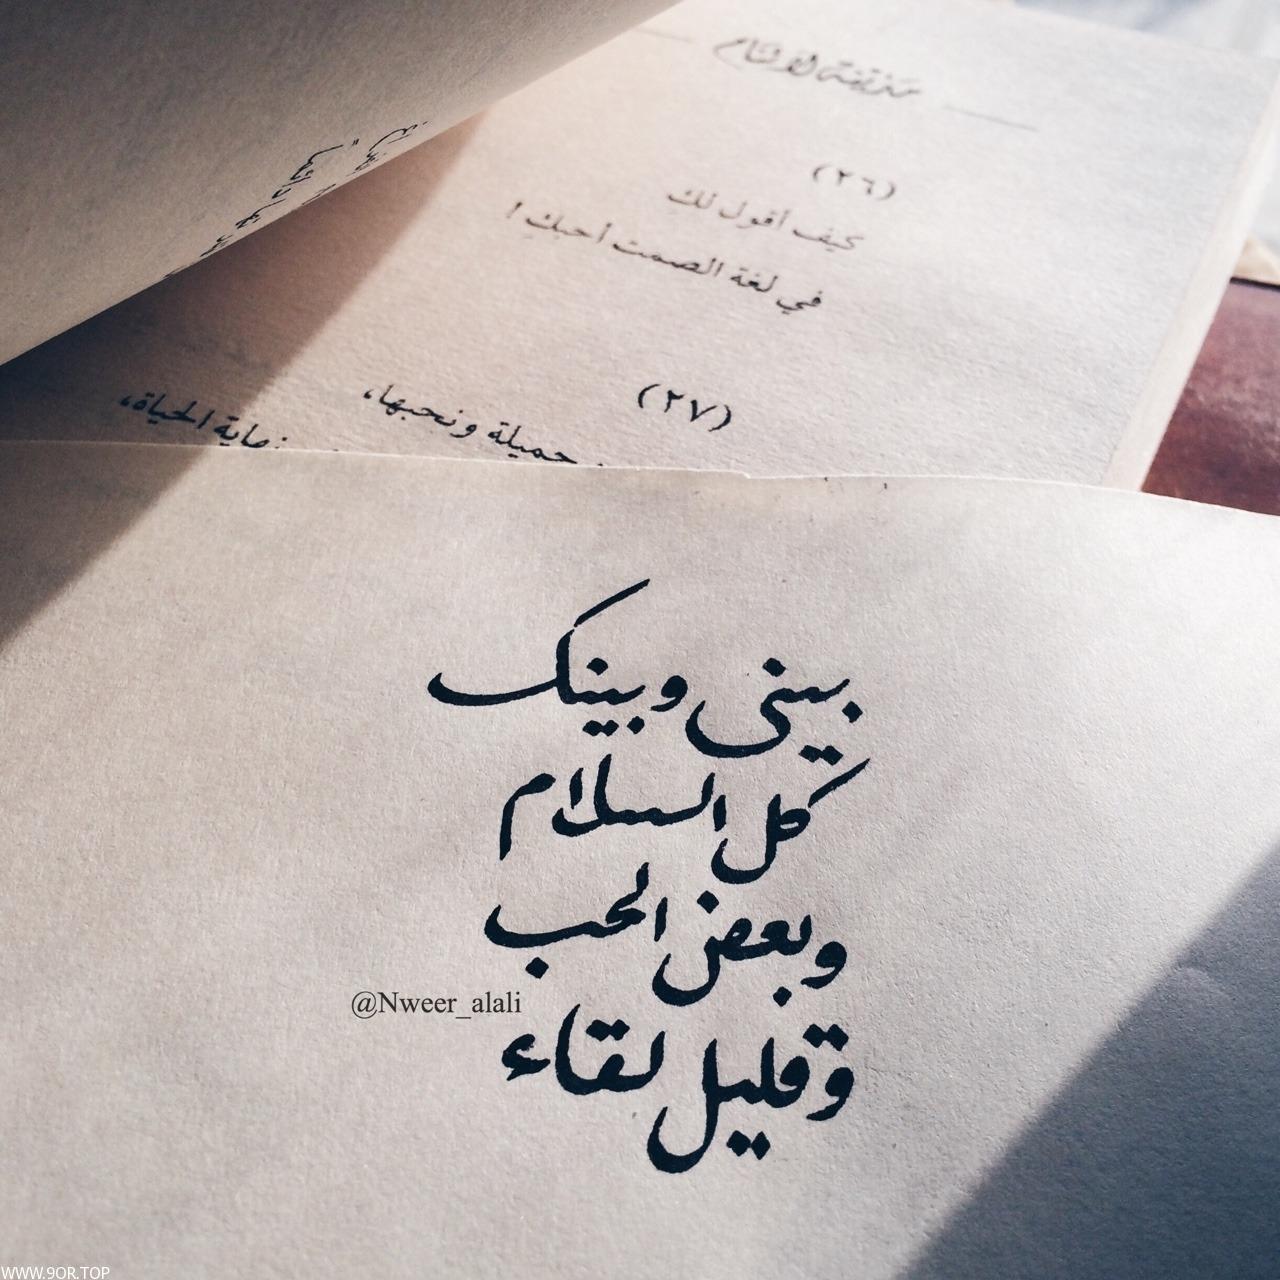 بالصور رمزيات كلام جميل , بدائل الكلمات برموز بسيطه 3803 12